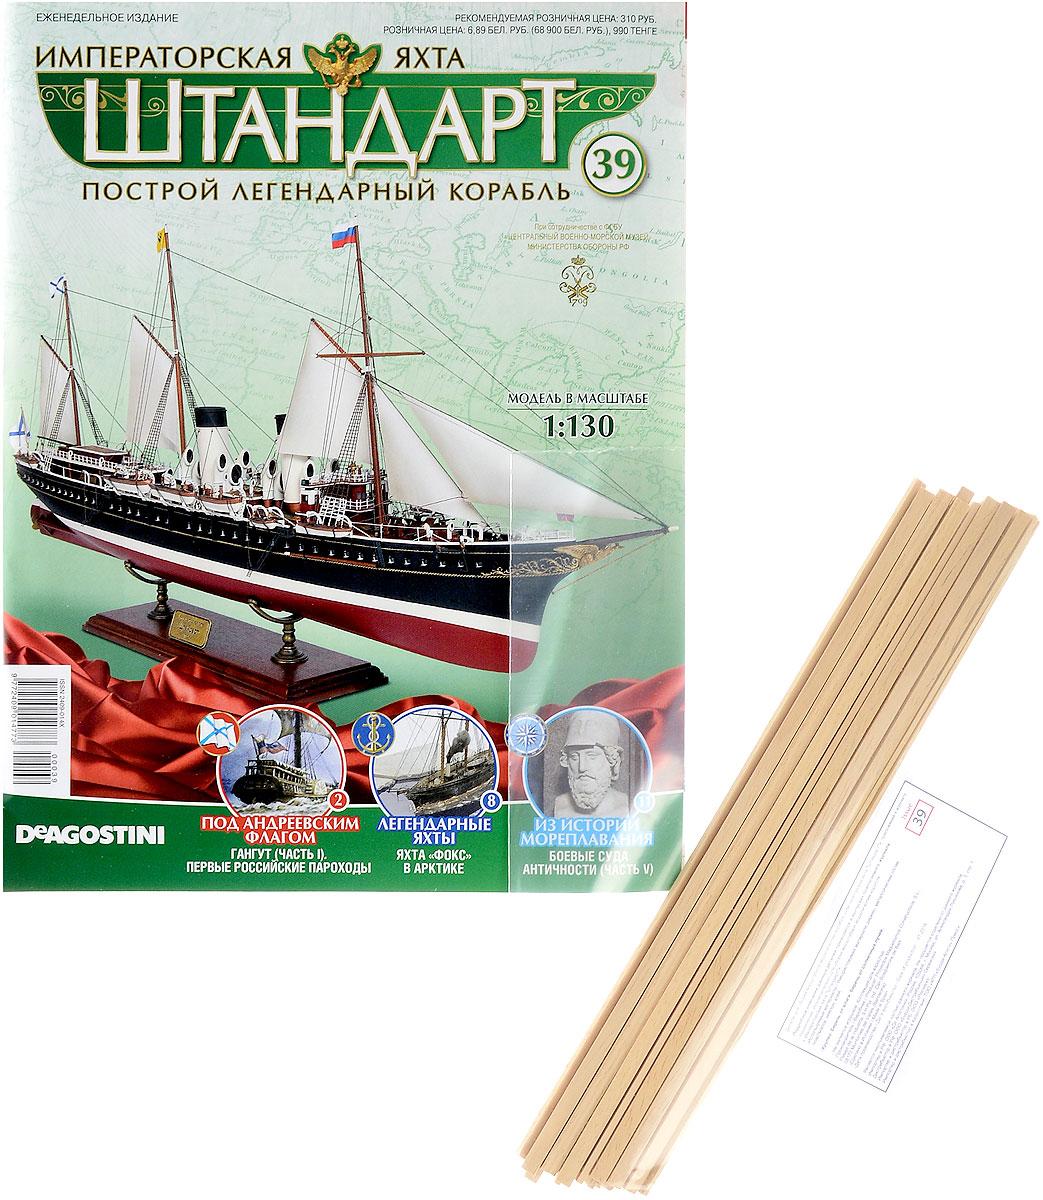 Журнал Императорская яхта Штандарт №39